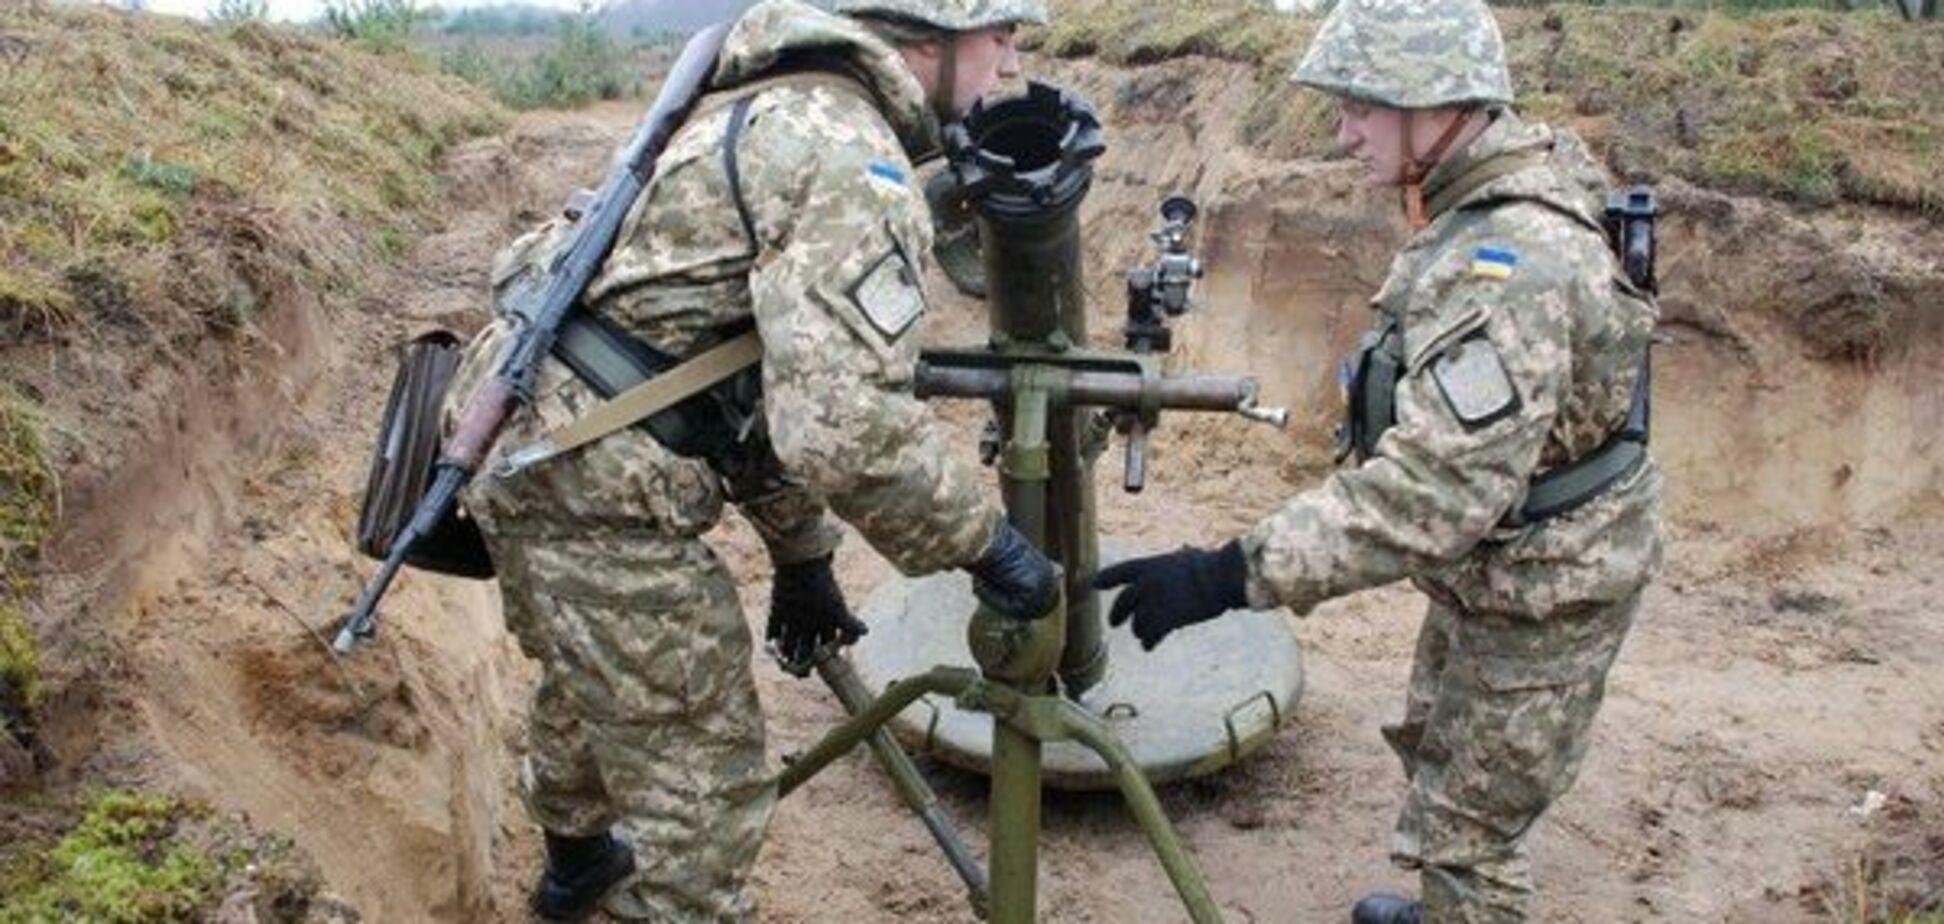 Гибель военных от 'Молота' Пашинского: появились подробности ЧП